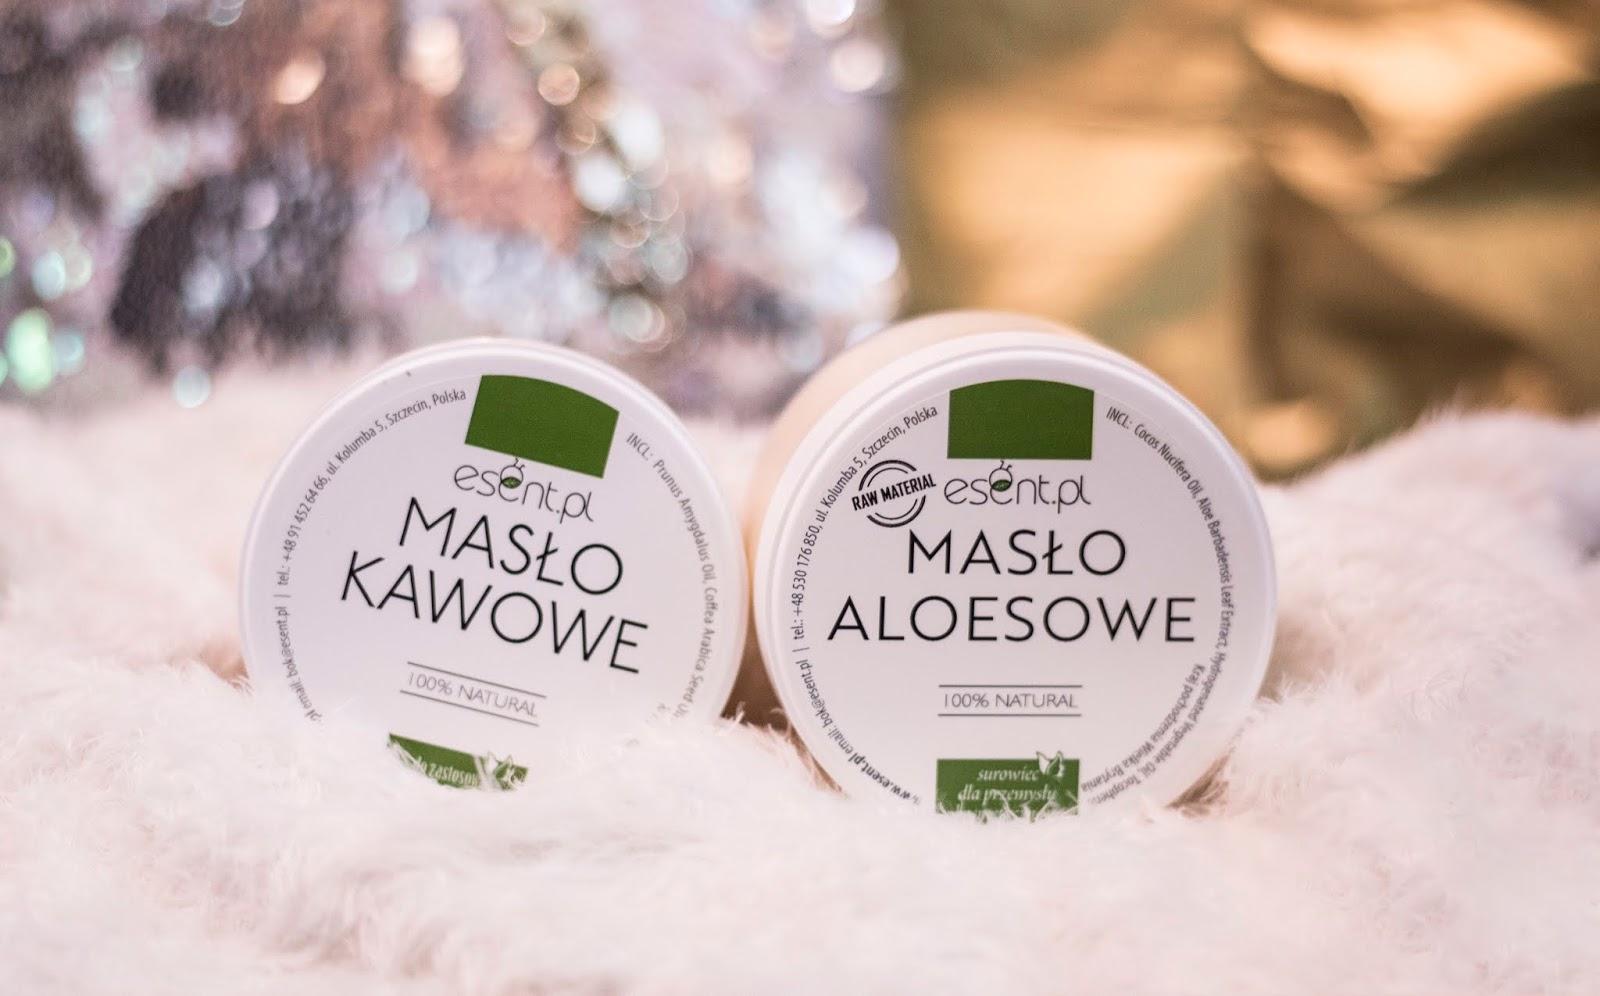 Masło aloesowe i kawowe - czyli jak polubić się z masłami!